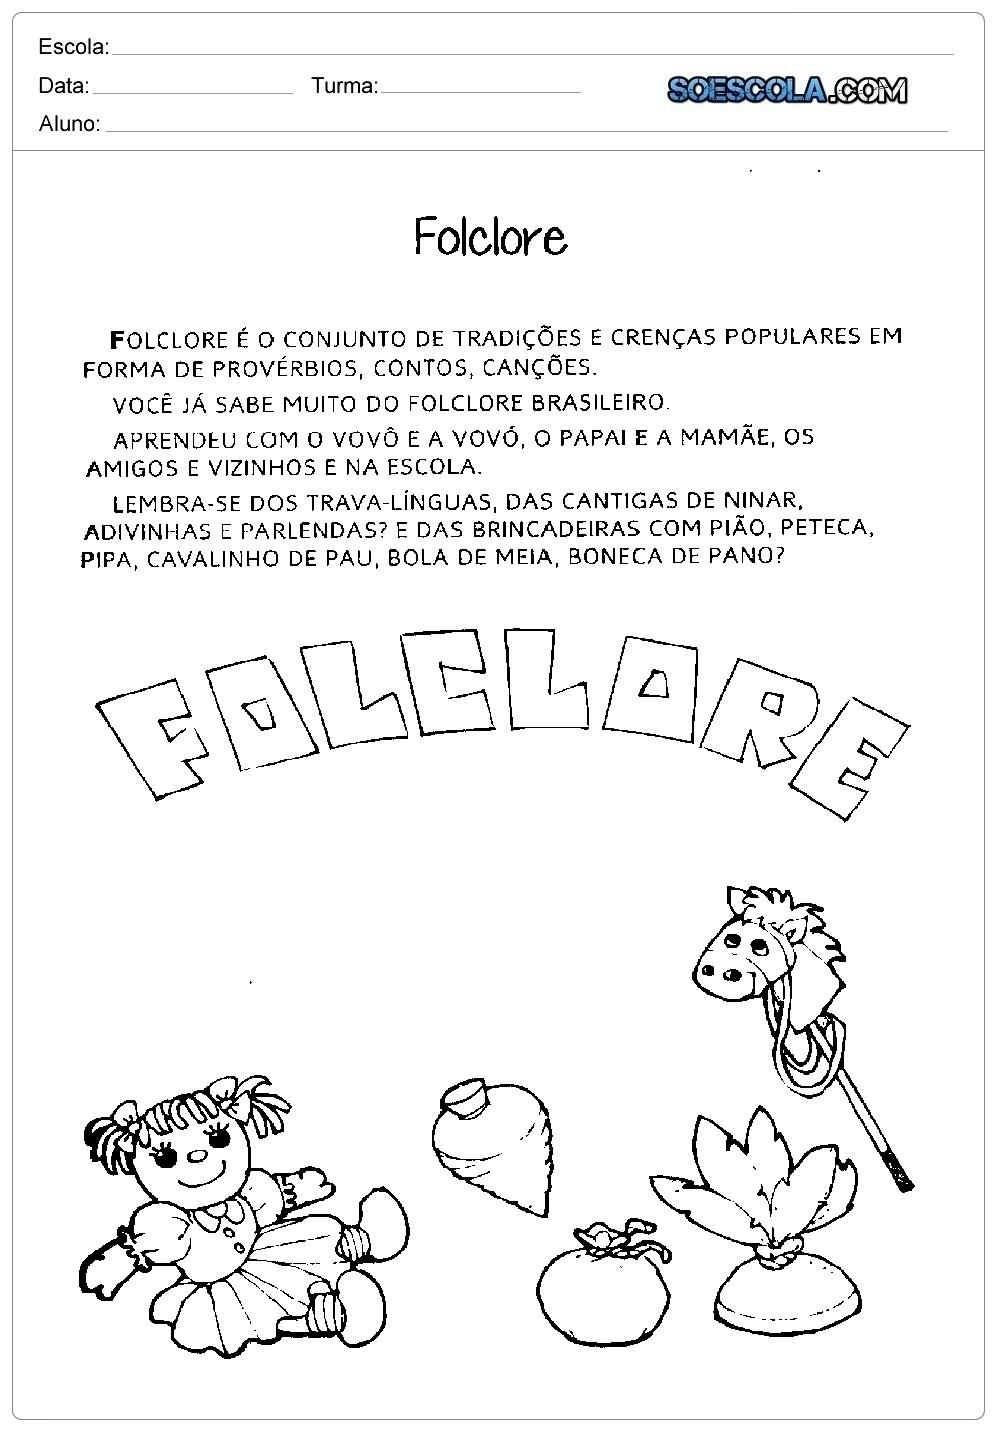 Texto sobre o que é Folclore